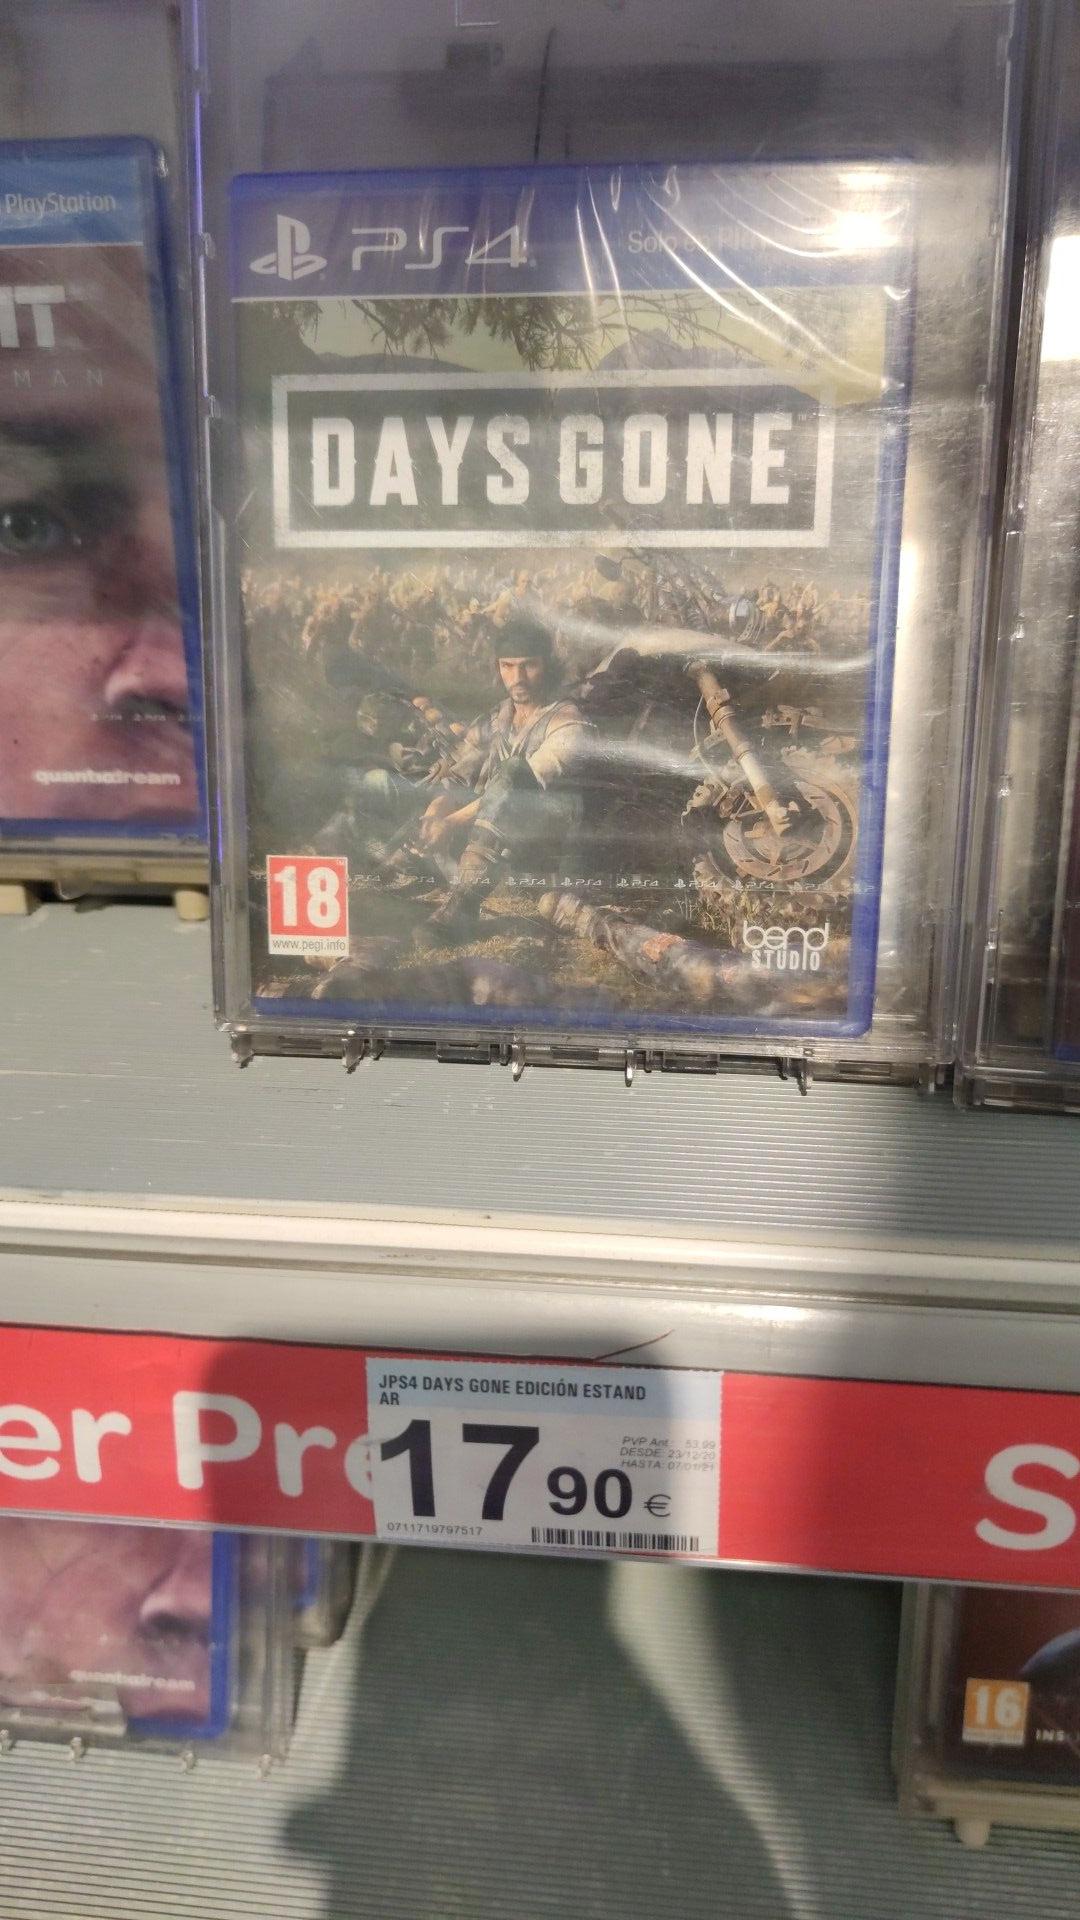 Days Gone ed estándar 17.90€ en el carrefour del centro comercial meridiano